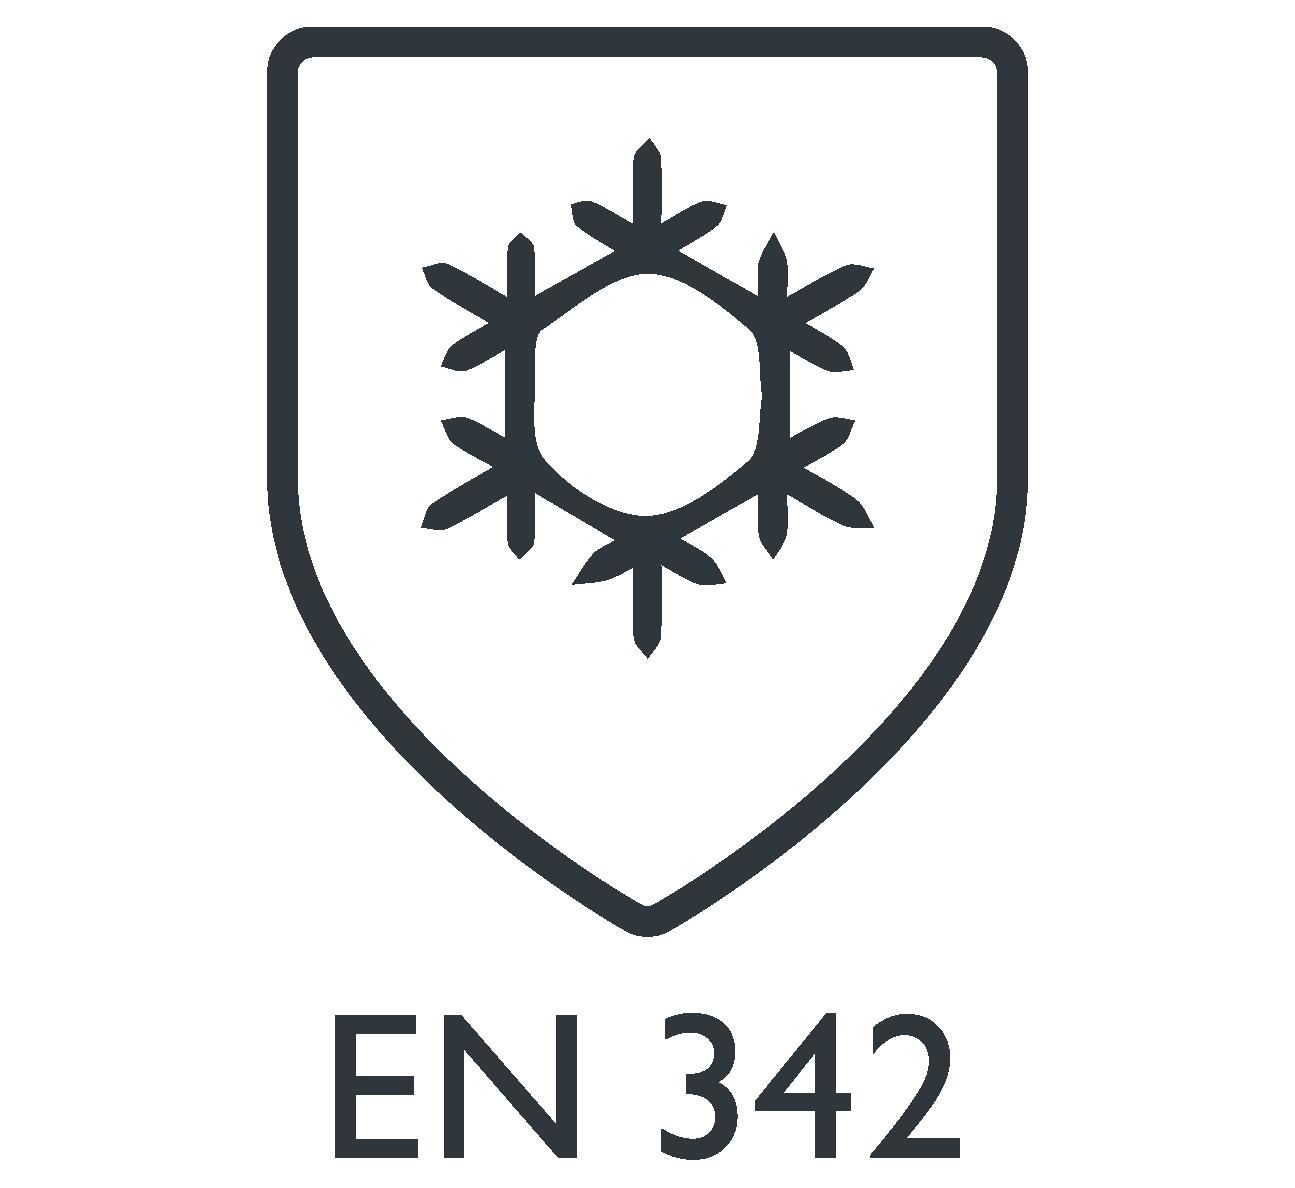 Norma EN 342 - symbol